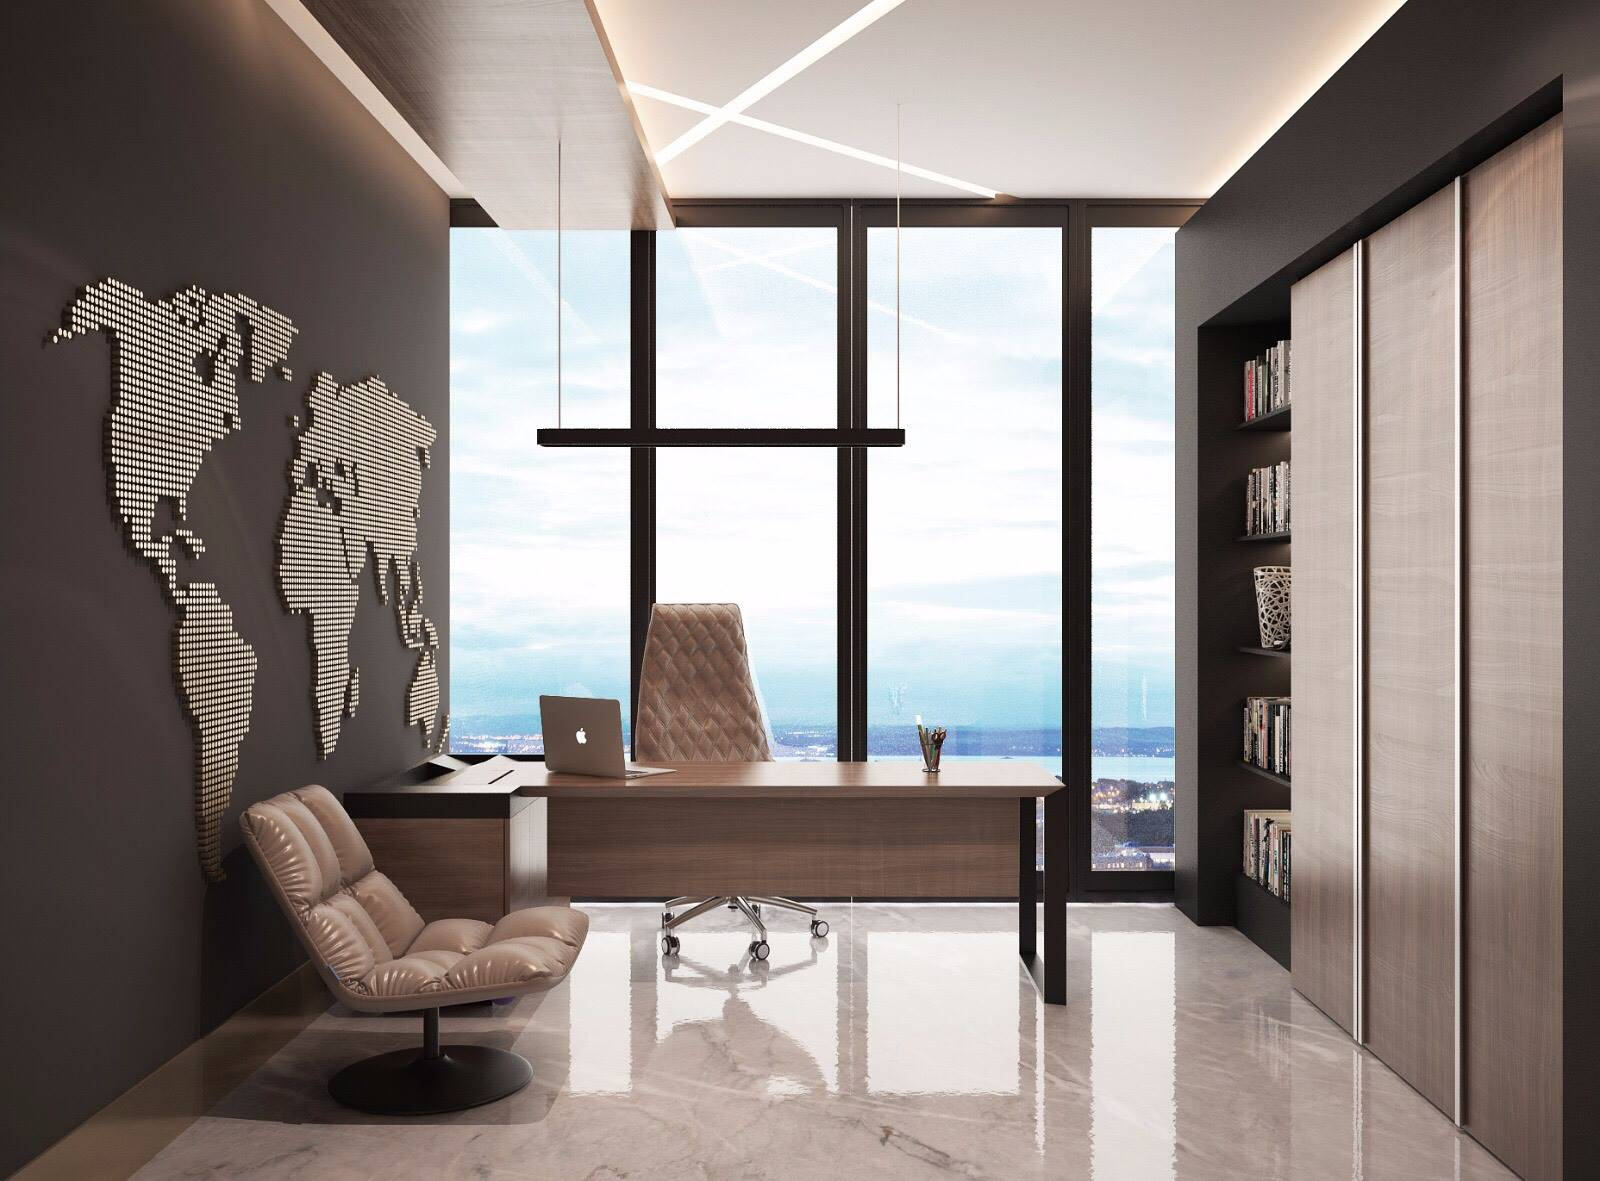 Ataköy Towers ofis iç mimar tasarımı